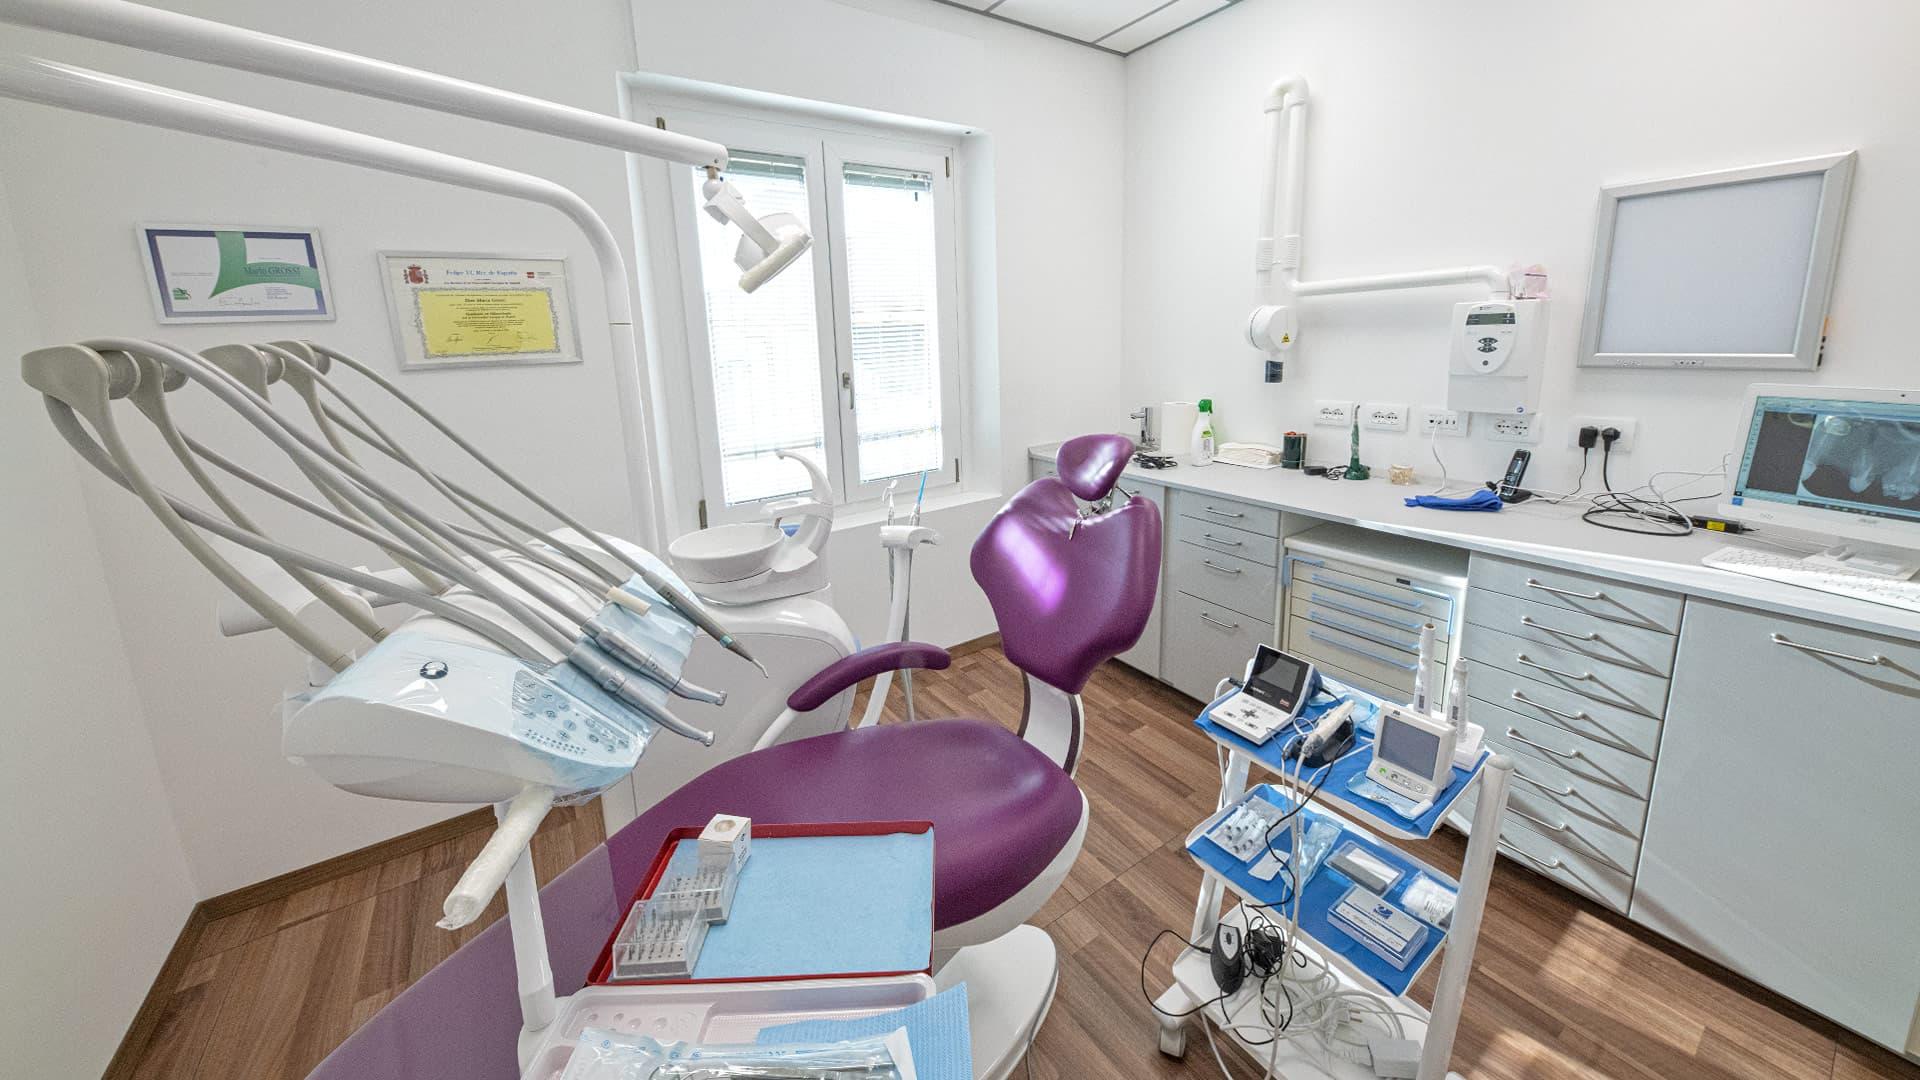 Studio Dentistico Grossi  - A Verbania